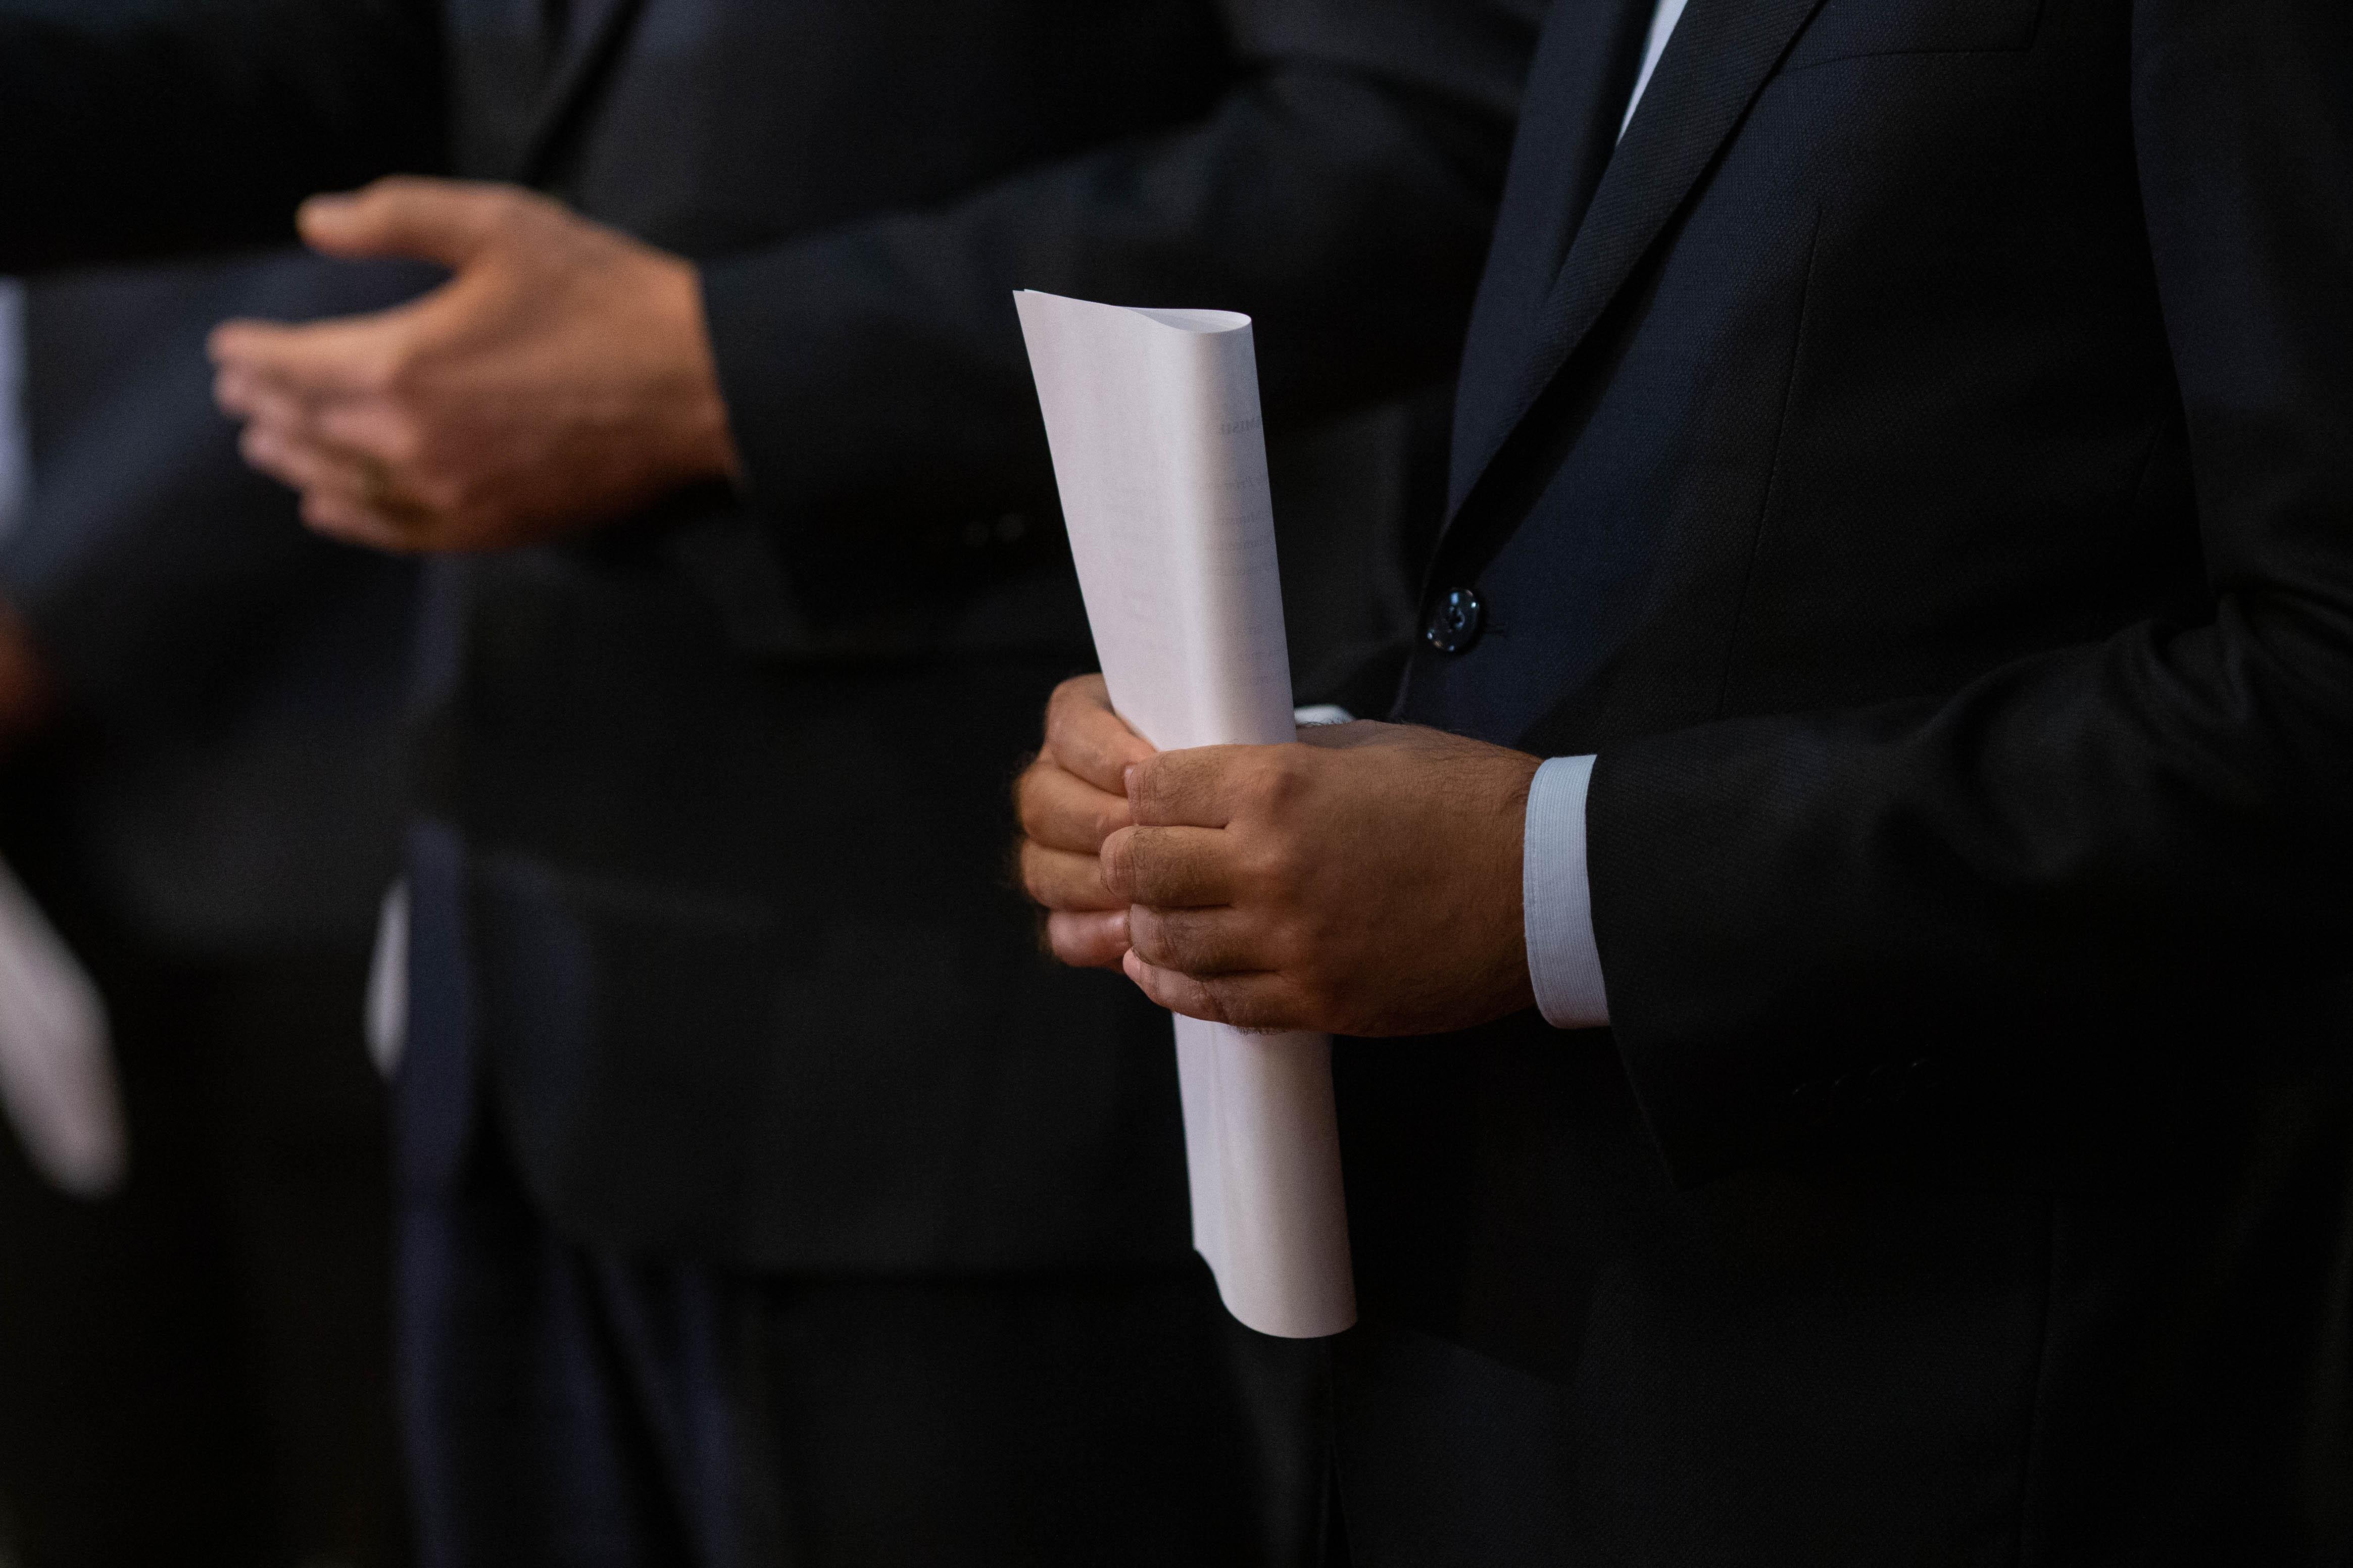 Alegerile pentru preşedinţia USR PLUS se reiau joi, din cauza unei erori a platformei de vot